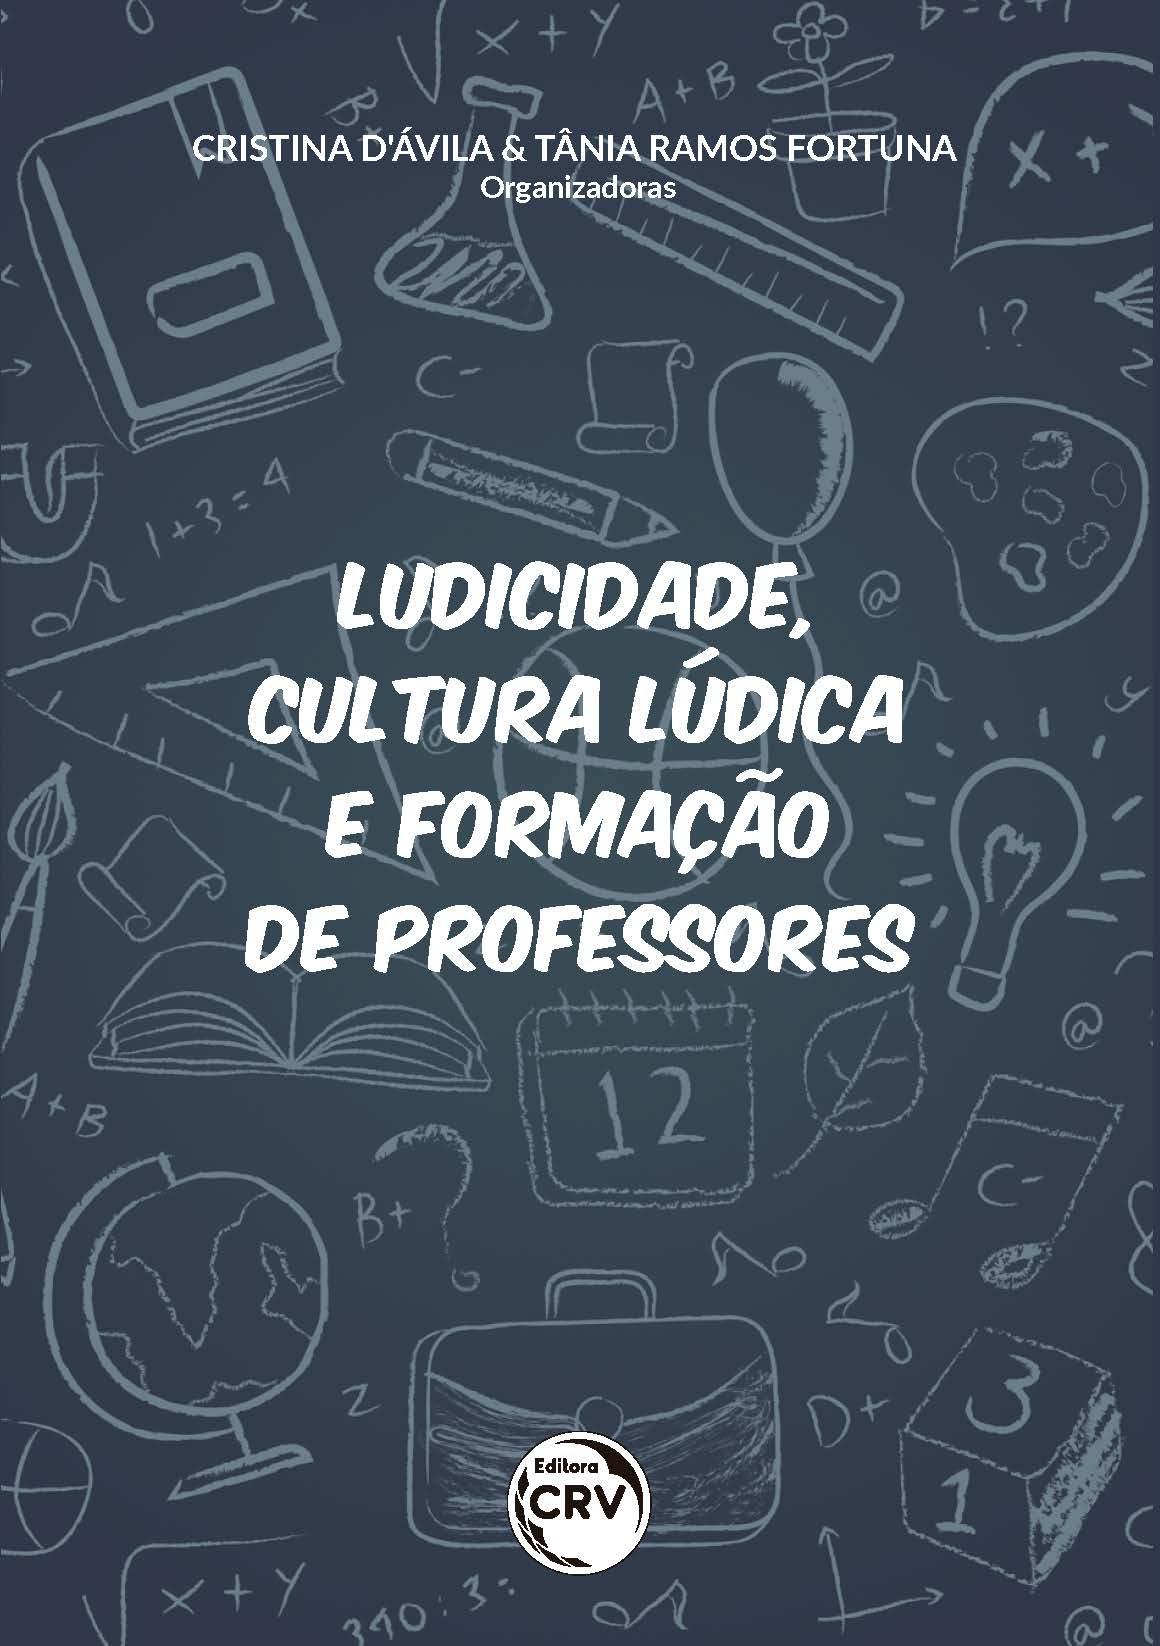 Capa do livro: LUDICIDADE, CULTURA LÚDICA E FORMAÇÃO DE PROFESSORES